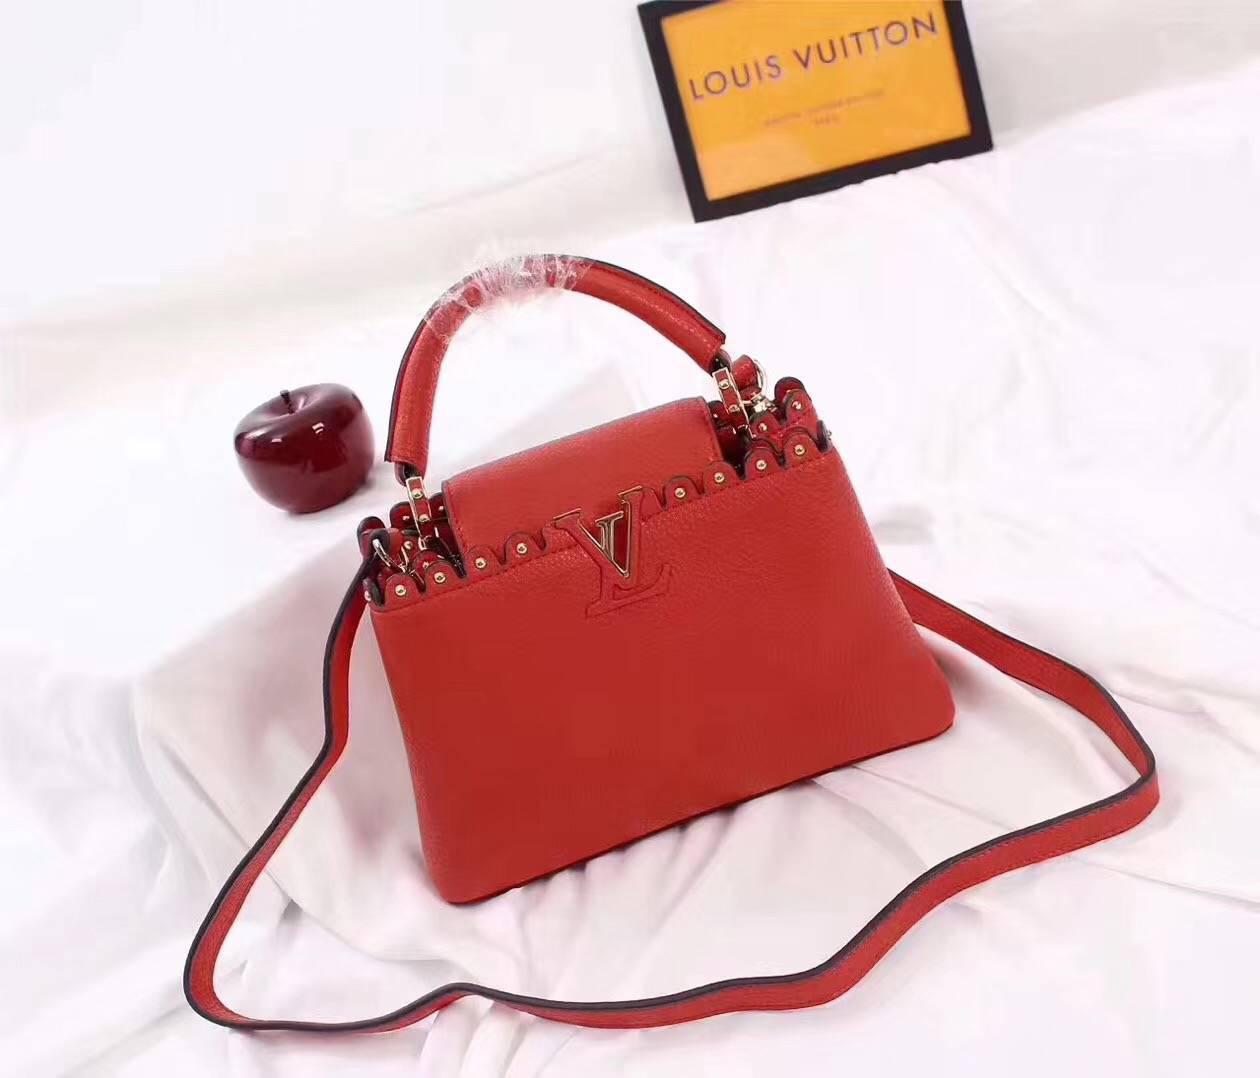 7fe010697689 Louis Vuitton Capucines Сумка Женская Красная — в Категории